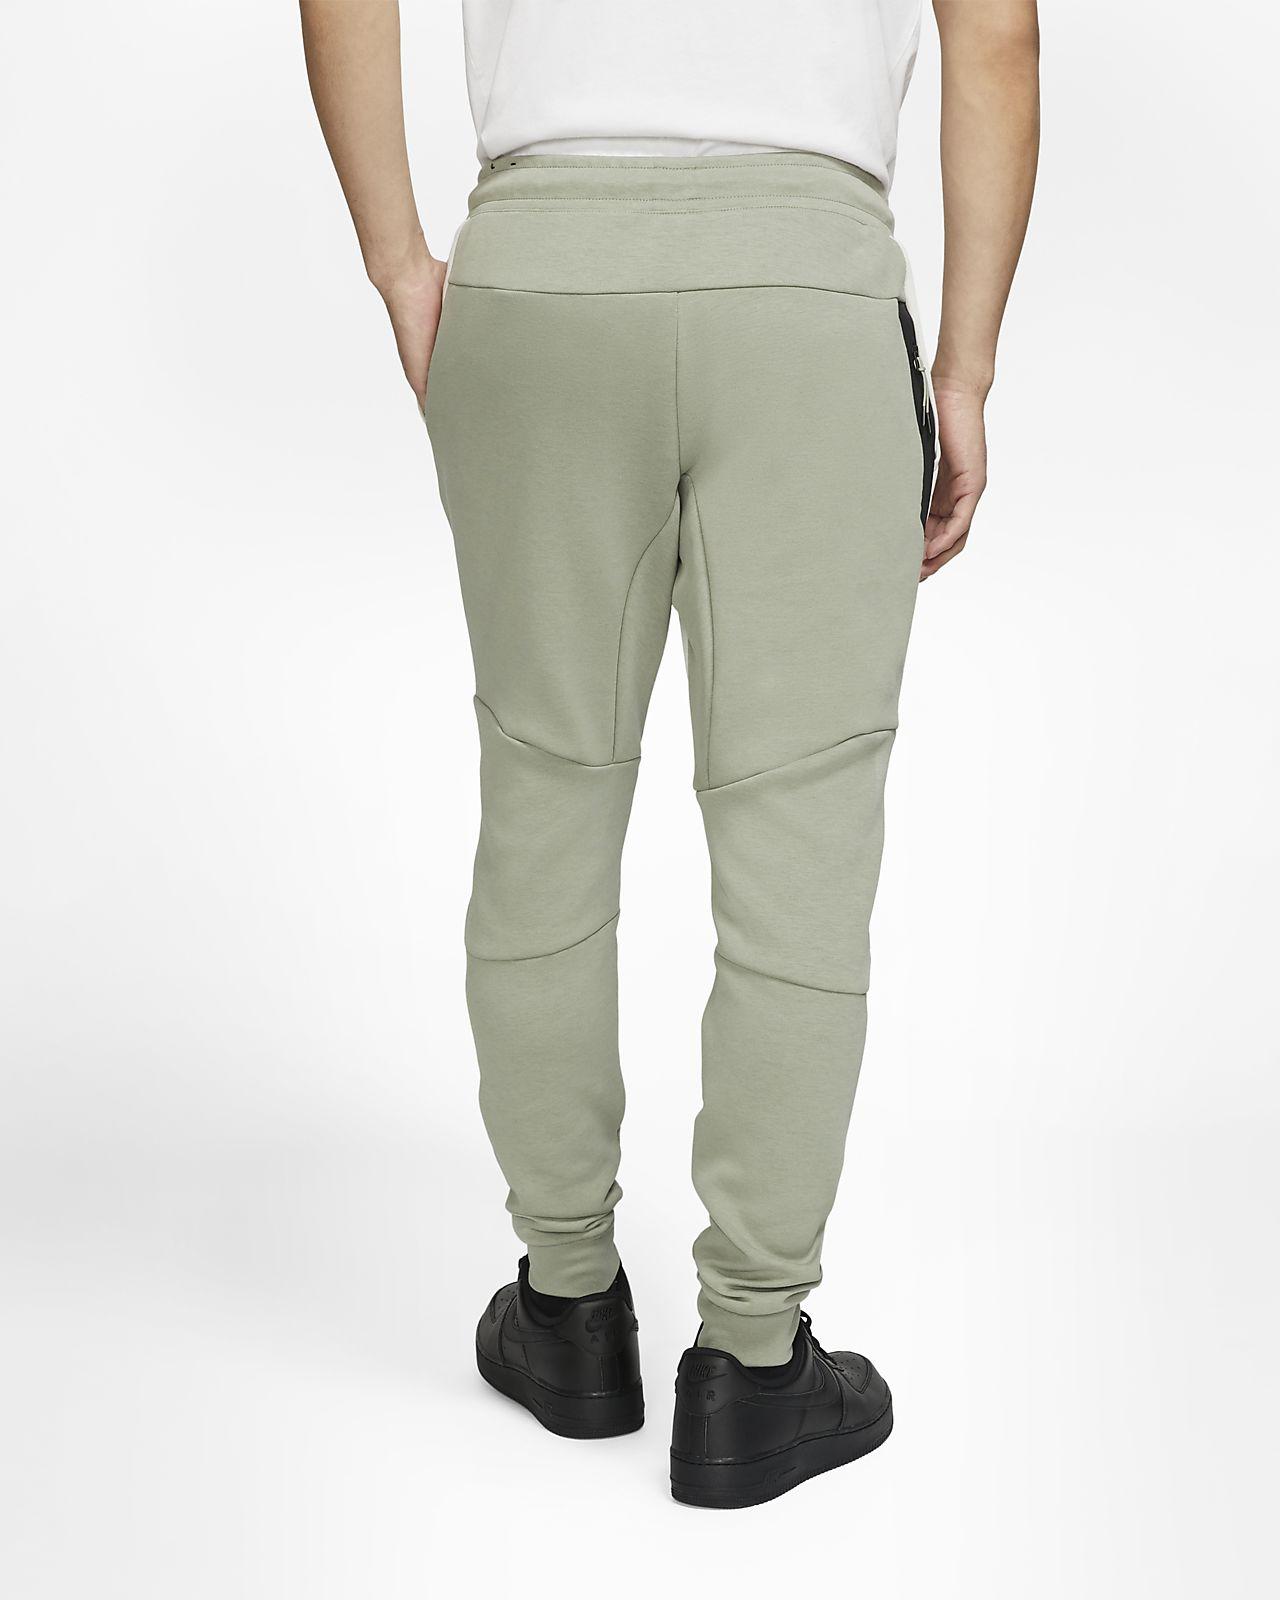 68c77825a8bd8 Nike Sportswear Tech Fleece Men's Joggers